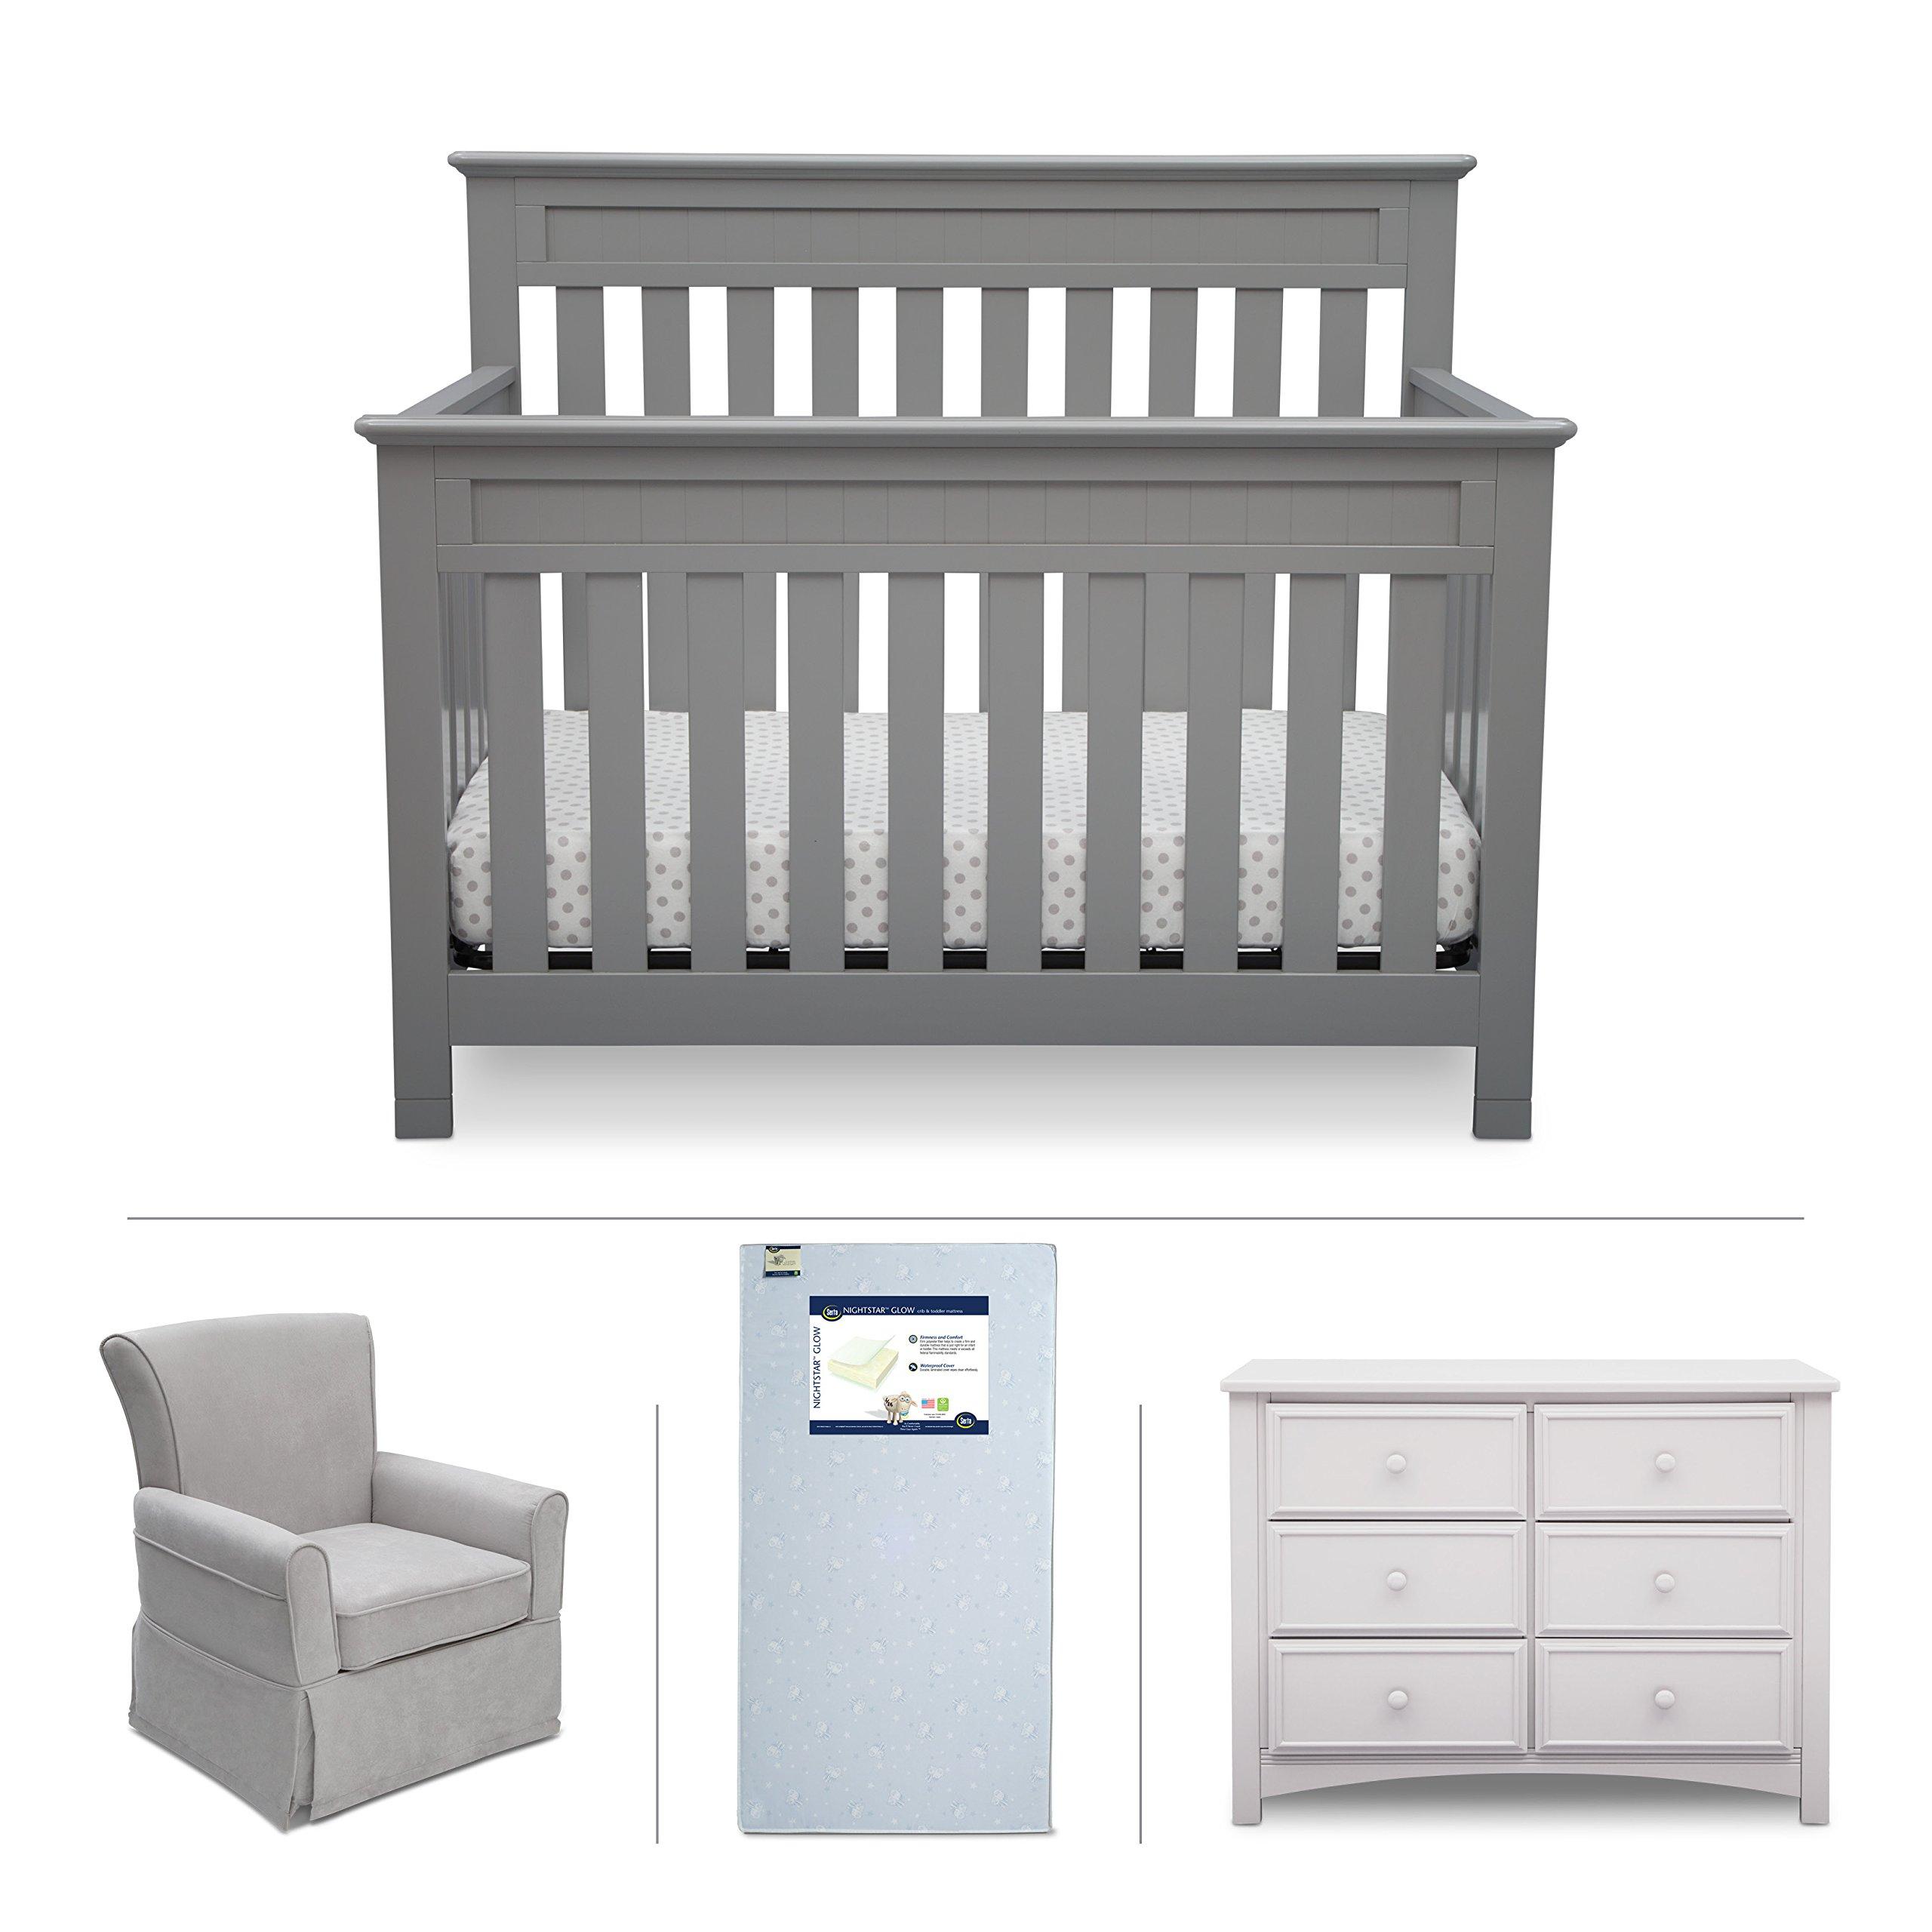 Delta Children Chalet 4-Piece Mix & Match Nursery Furniture Set (Convertible Crib, Dresser, Glider, Crib Mattress), Grey and Bianca White